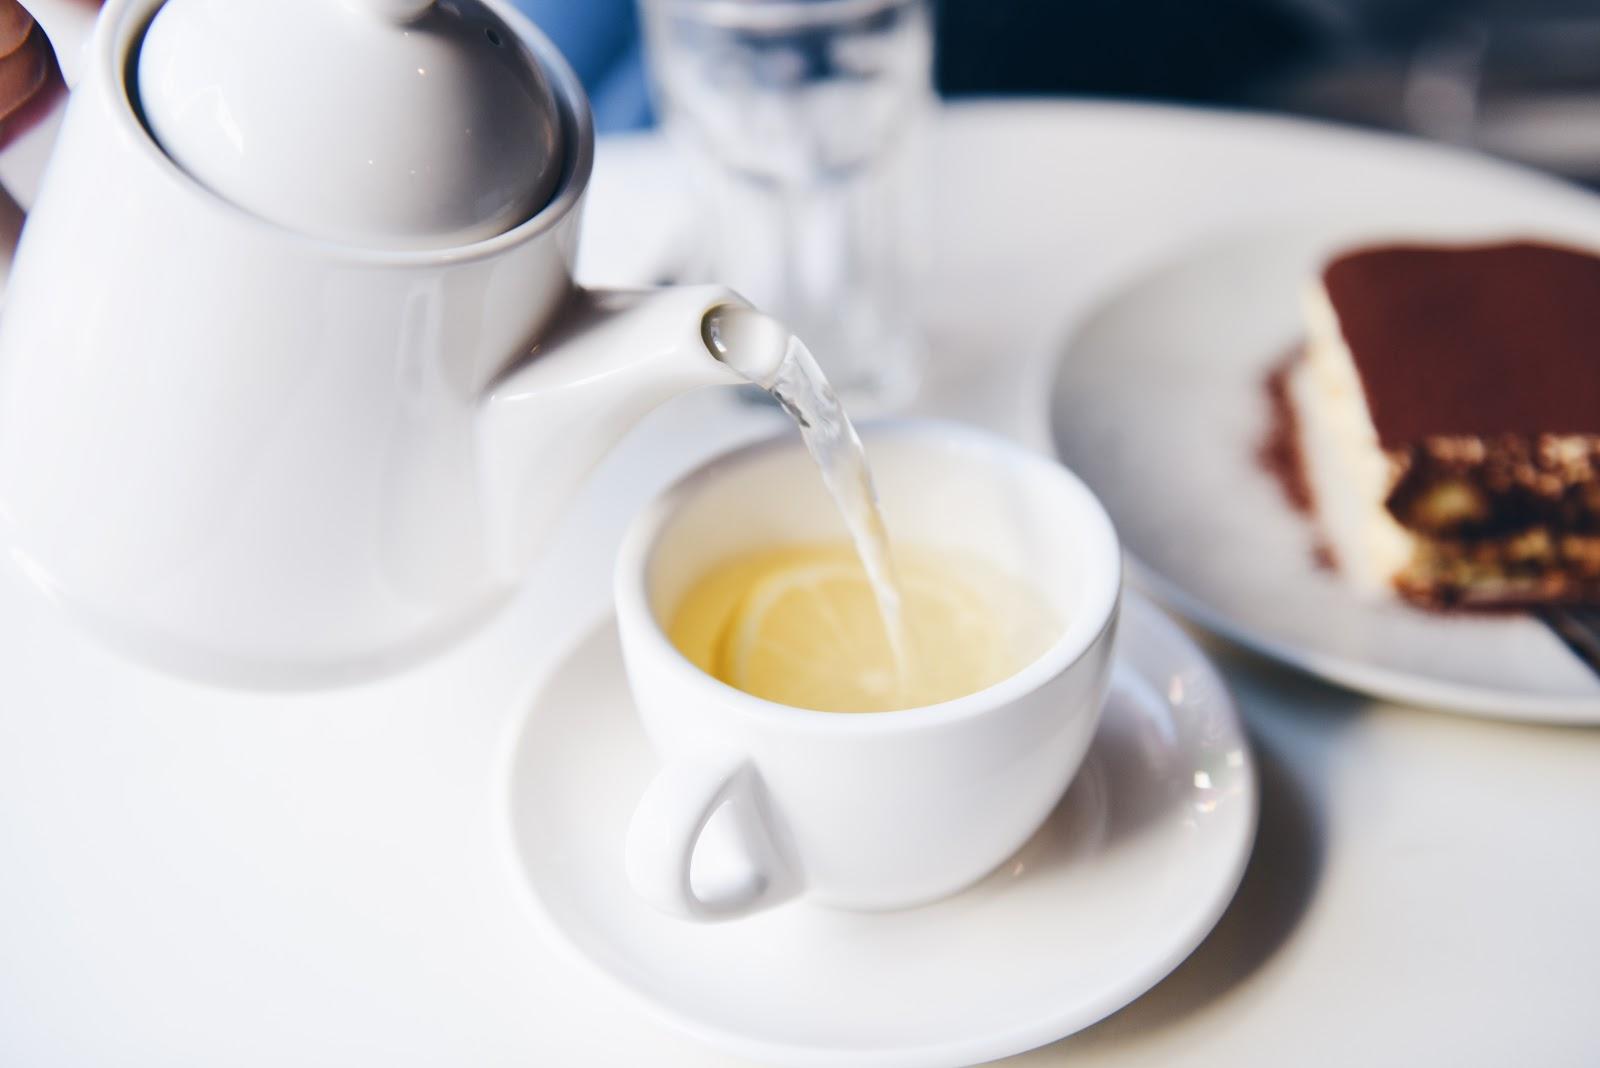 真っ白なティーカップにポットからレモンティーの湯が注がれている